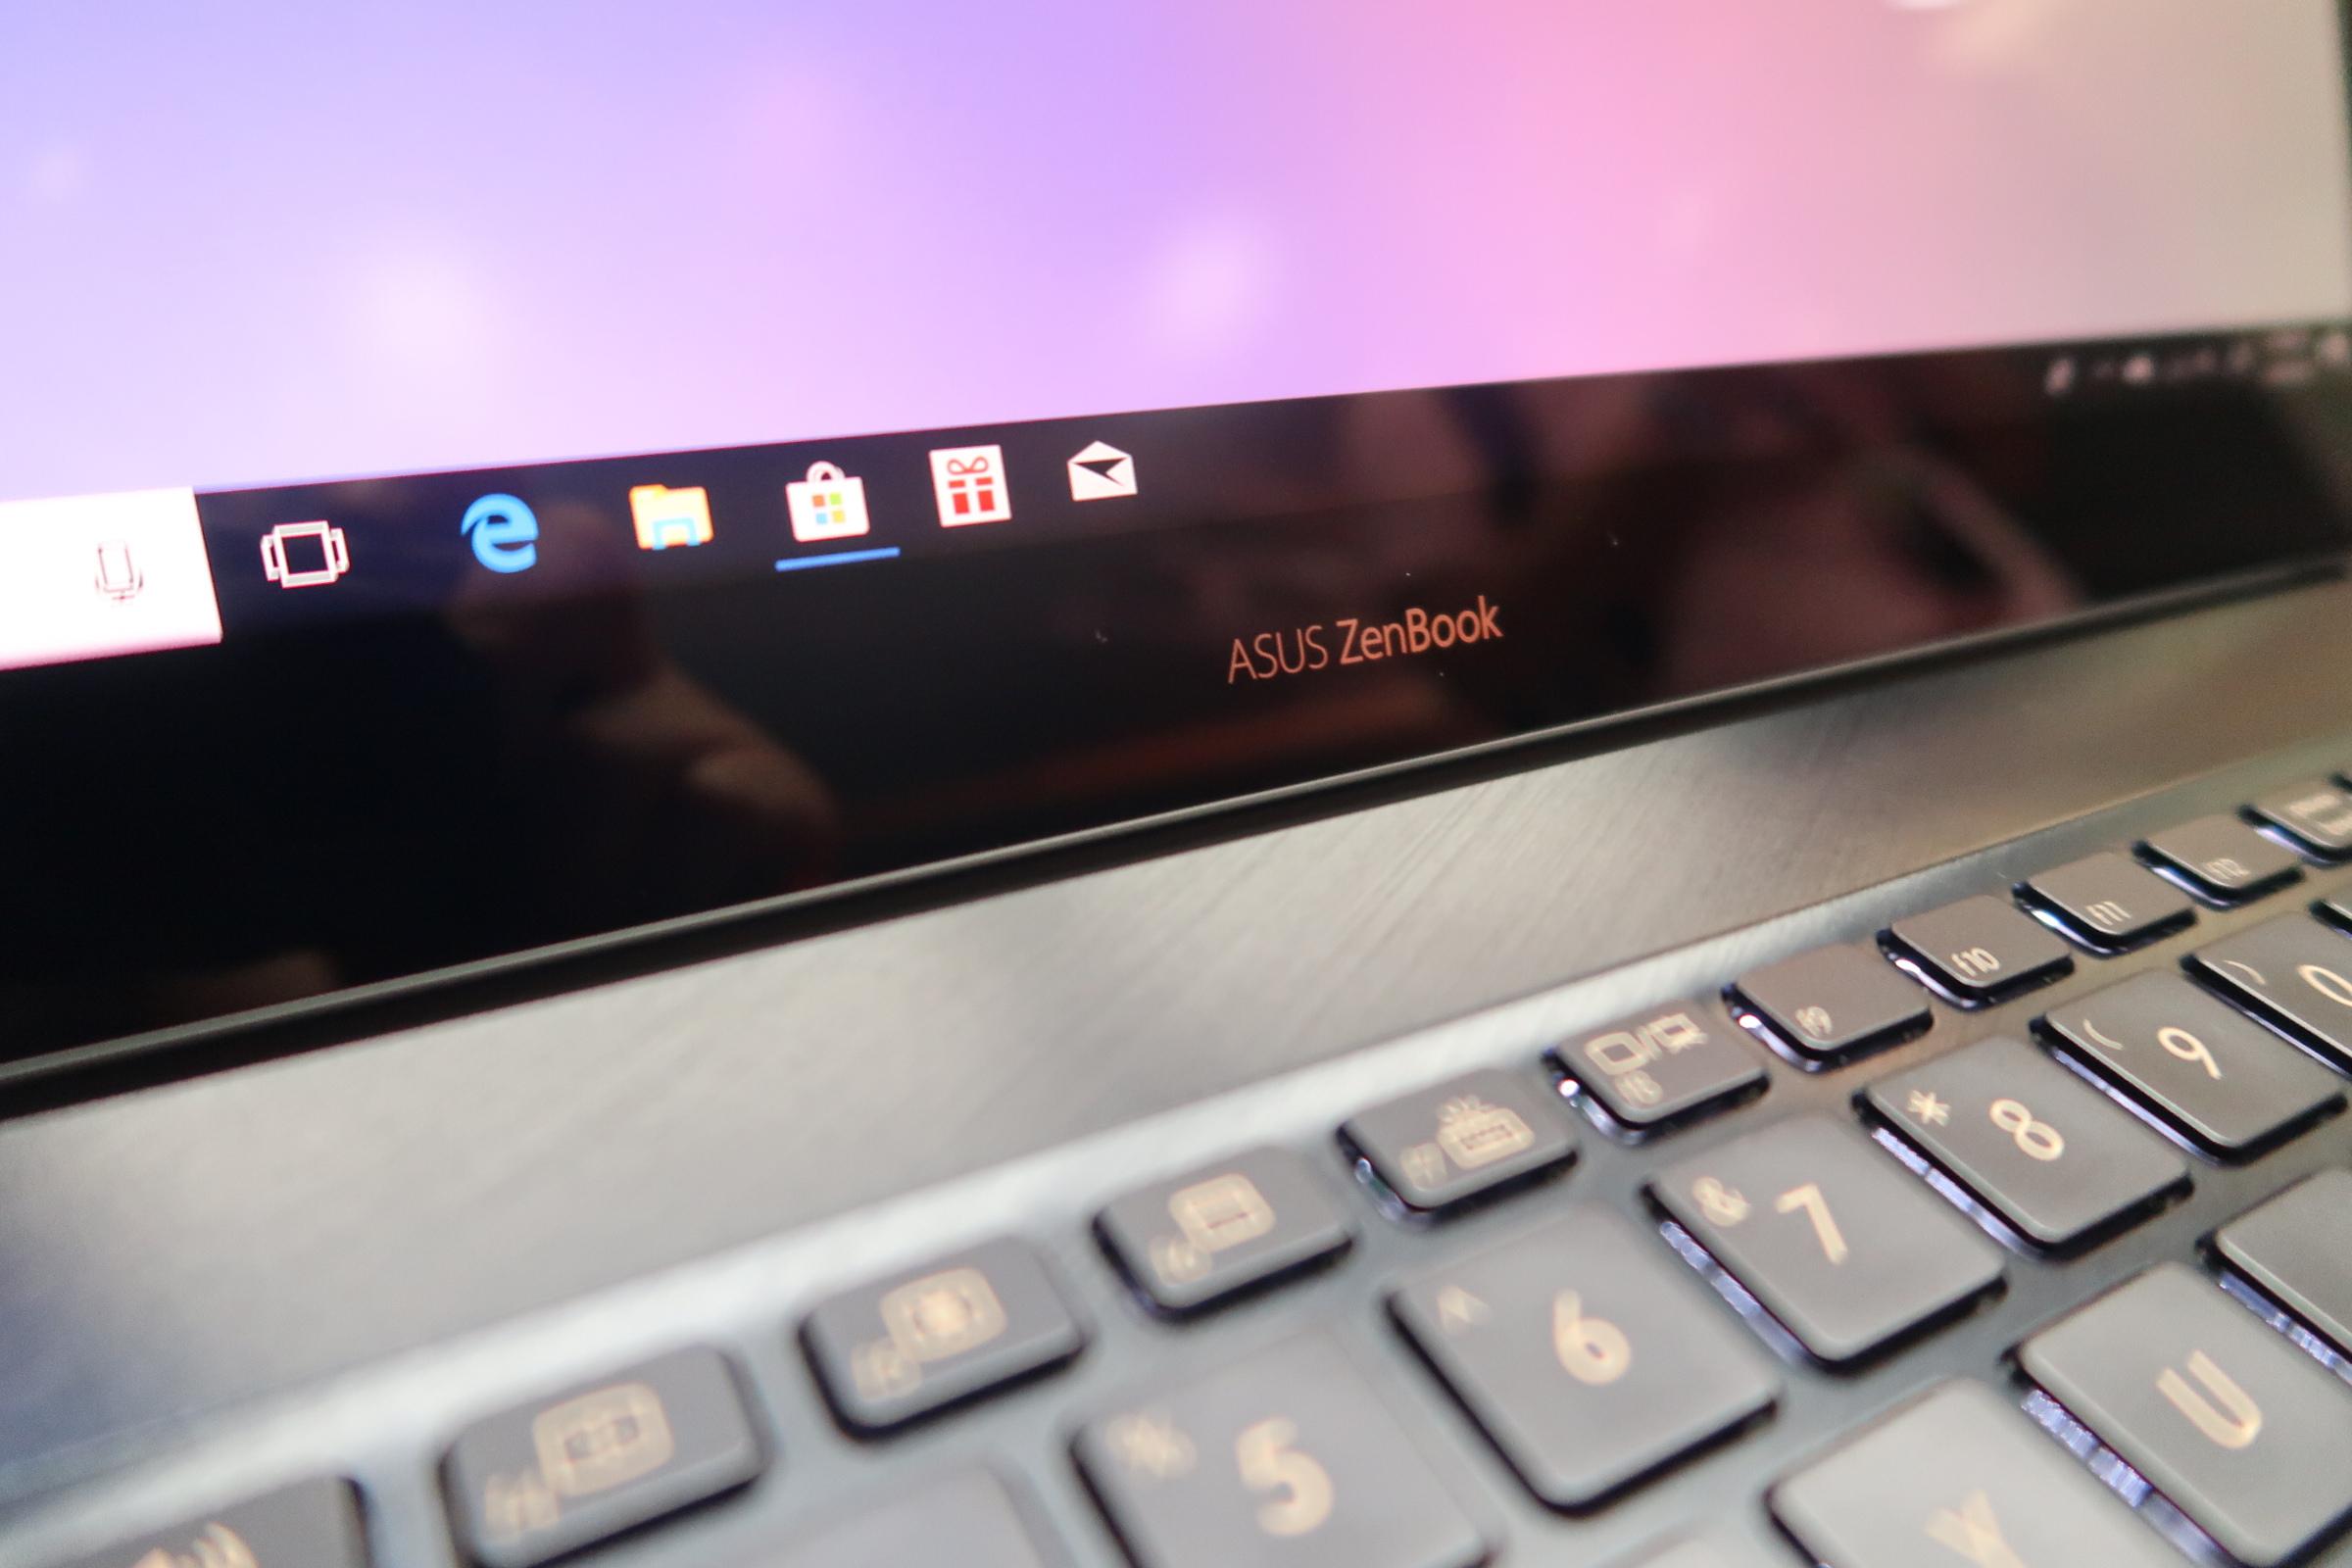 华硕灵耀X Pro上手体验:多一块屏幕 能否逆袭MacBook Pro?的照片 - 6